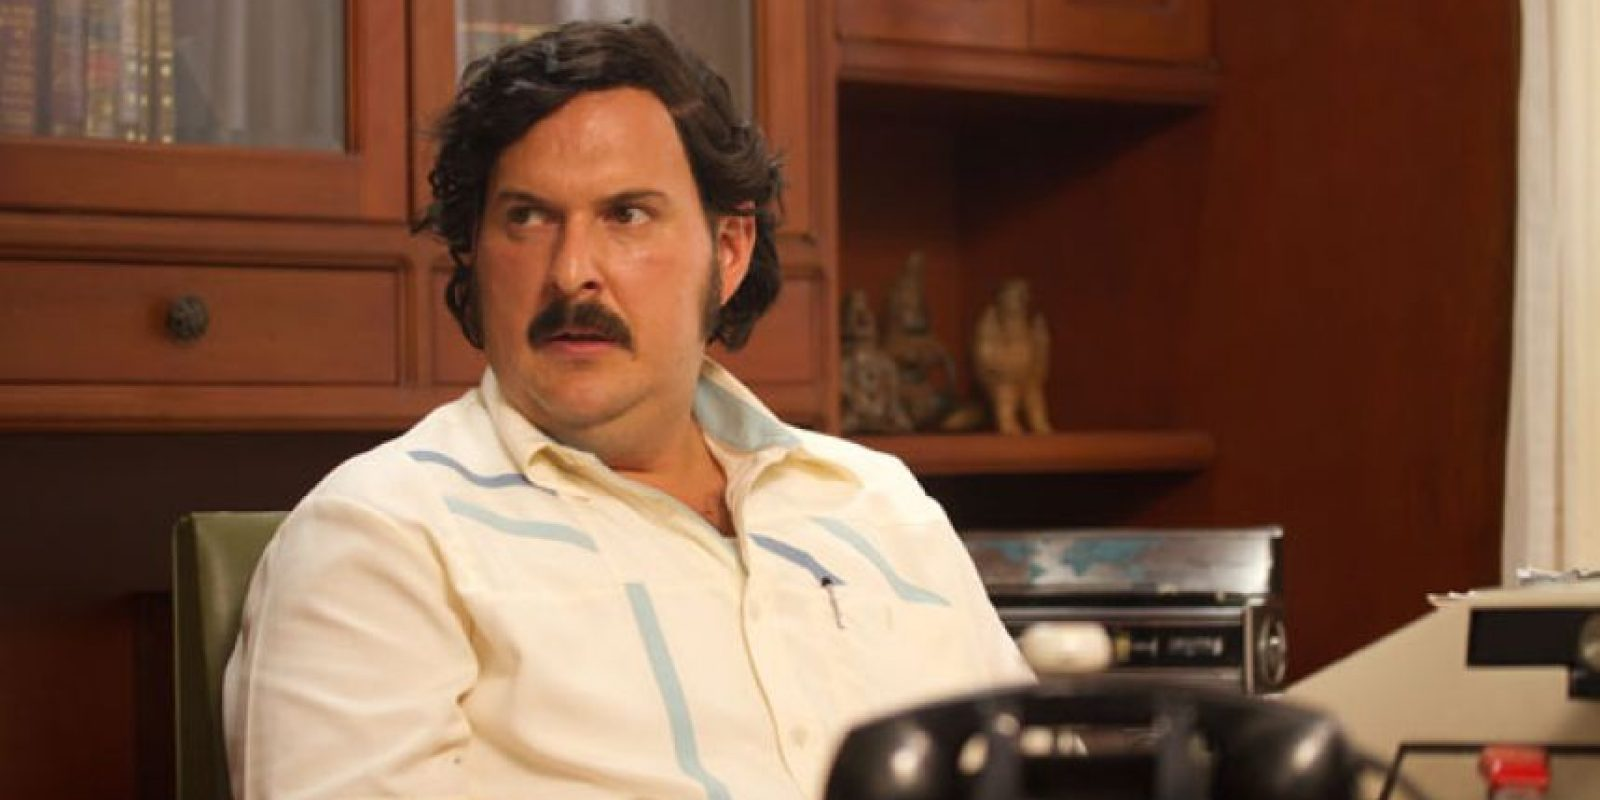 """Andrés Parra era """"Pablo Escobar"""", el narcotraficante más famoso de la Historia. Aterrorizó a Colombia a finales de la década de los 80 y fue uno de los hombres más ricos del mundo. Foto:vía Caracol Televisión"""